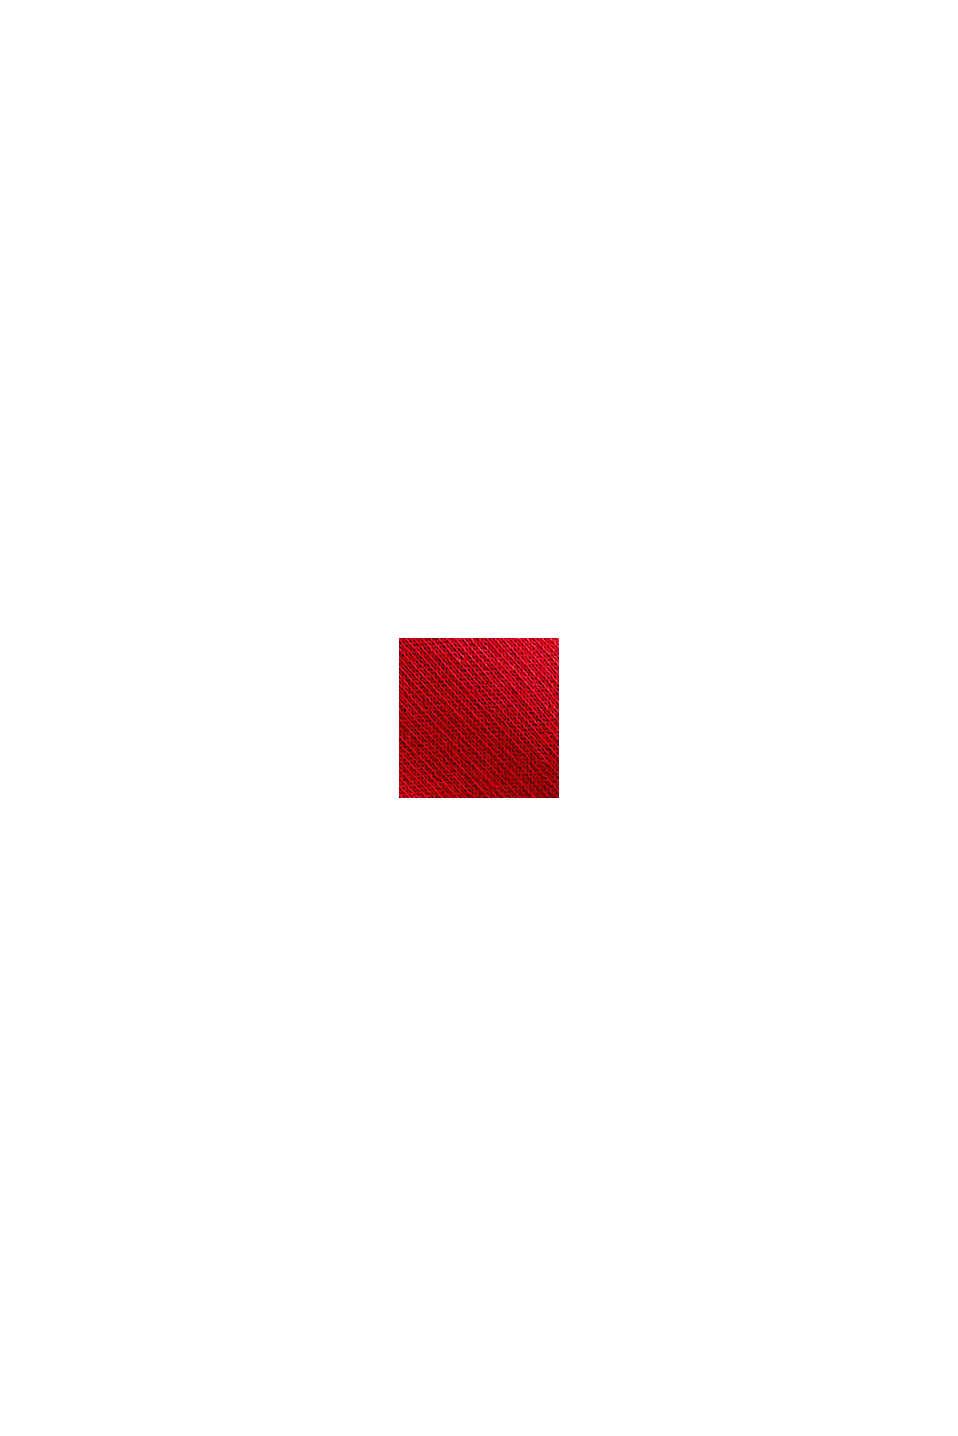 Sweat à capuche décontracté orné d'un logo, 100% coton biologique, RED, swatch